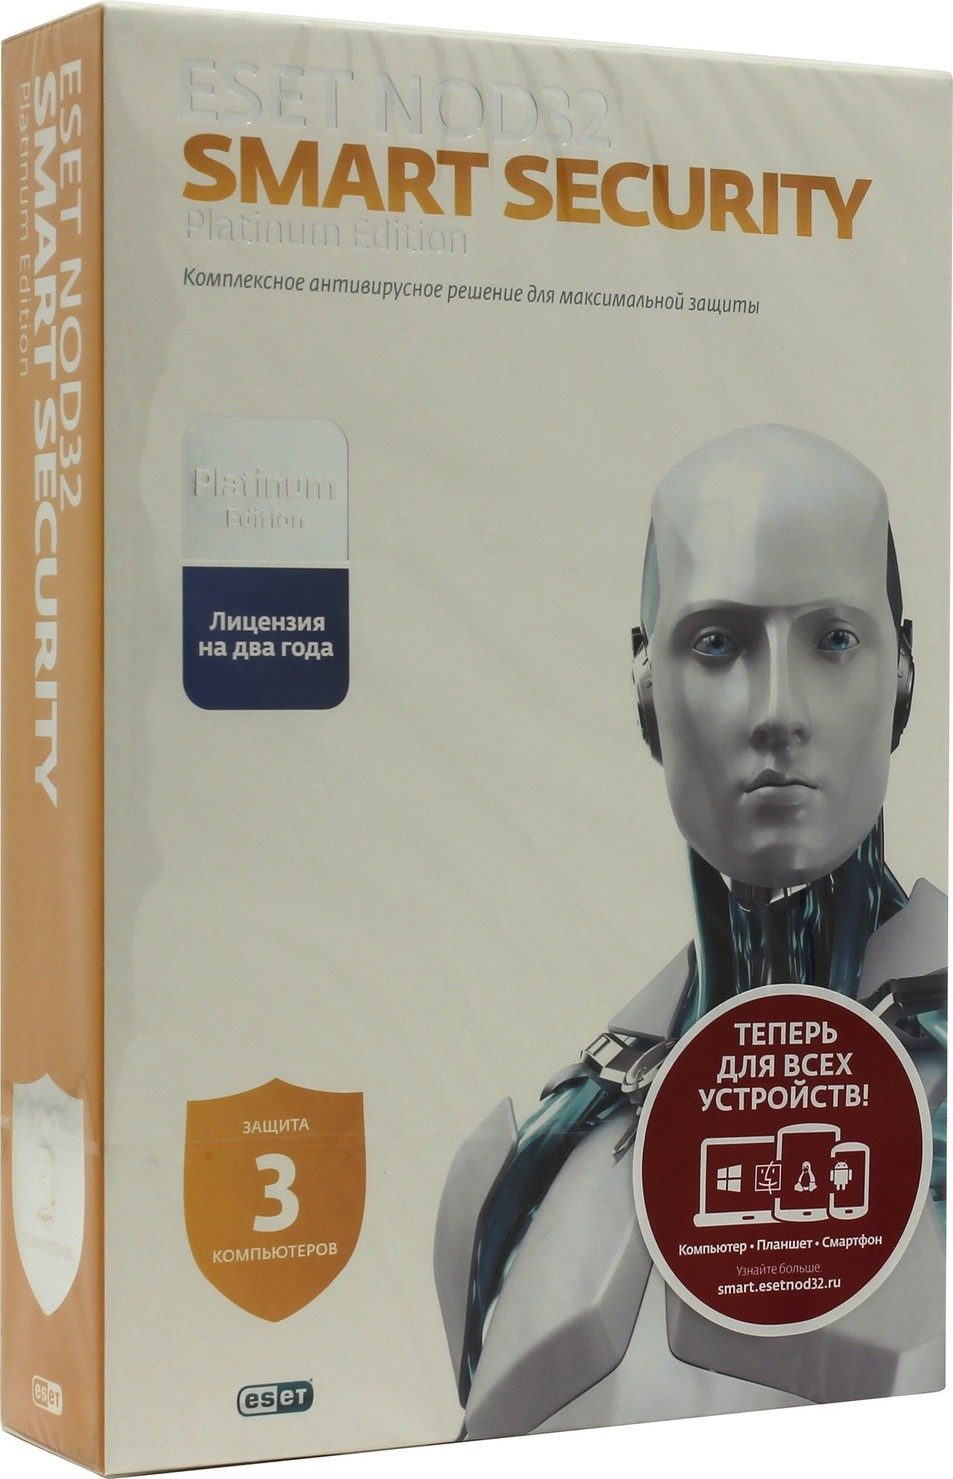 купить антивирусную программу eset nod32 smart security продление в м-видео